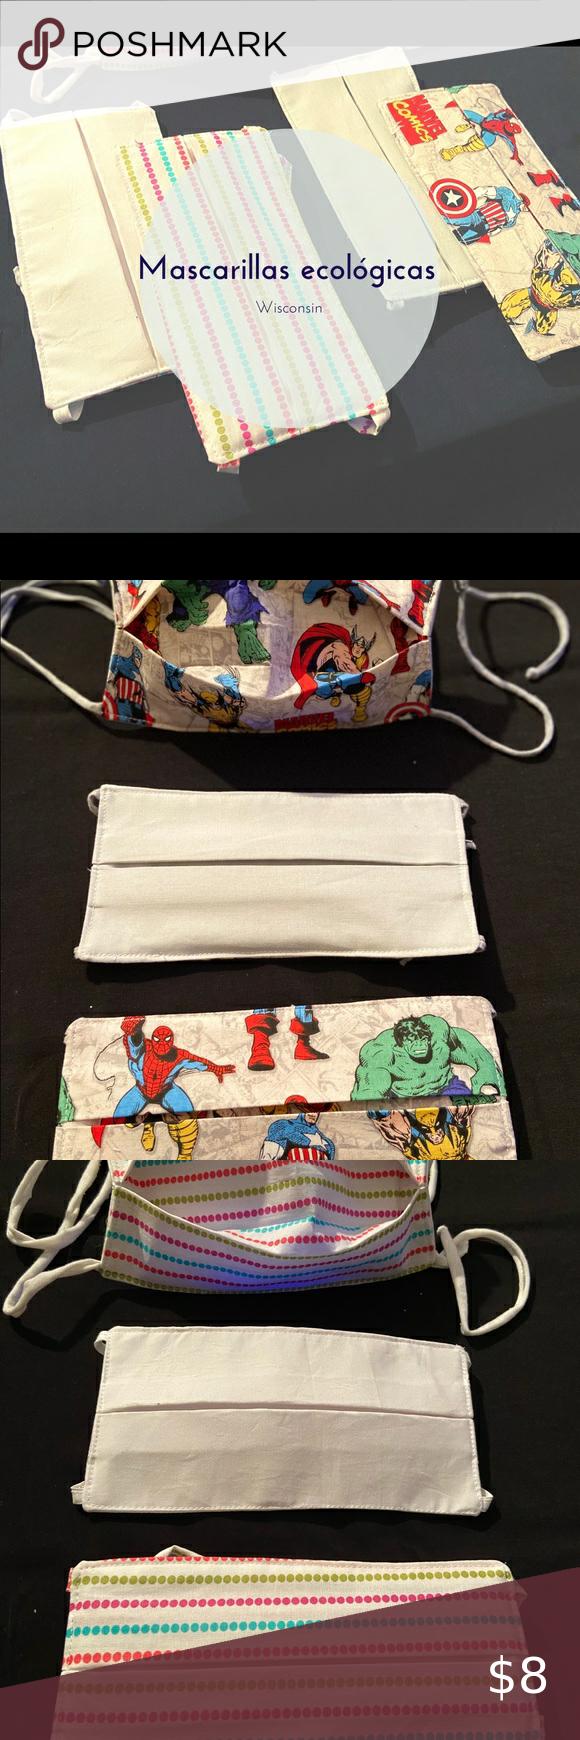 Masks / Cubreboca Cubreboca 😷 de 3 capas    Características técnicas :   🔹3 capas (tela-filtro-tela). 🔸Ajustable a cada persona. 🔹Ecológico - Lavable -Reutilizable. 🔸Cada CUBREBOCA cuenta con dos diseños (reversibles) para combinarlos con tu ropa.  Si necesitas más información no dudes en enviarnos un mensaje 📨   #QuedateEnCasa  #Covid-19 #Wisconsin #Madison Other